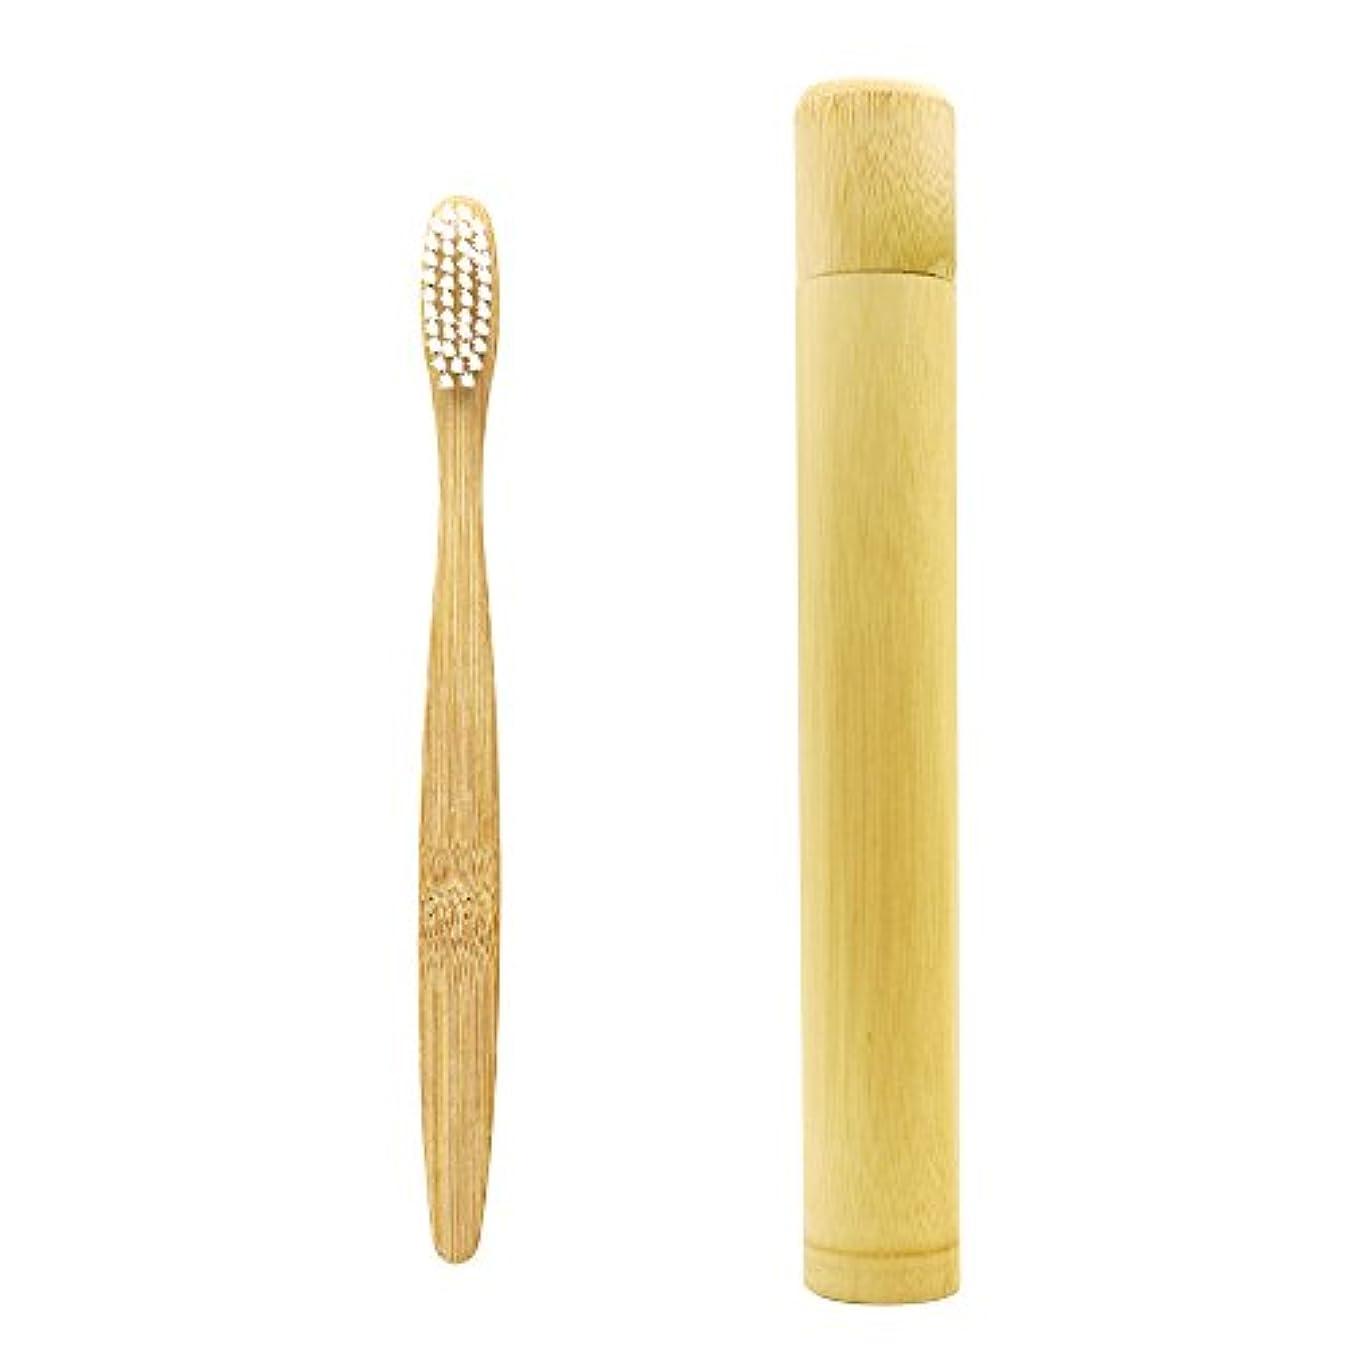 スティック脚本家傭兵N-amboo 竹製耐久度高い 白い歯ブラシ 携帯用 ケース付き セット 軽量 携帯便利 出張旅行